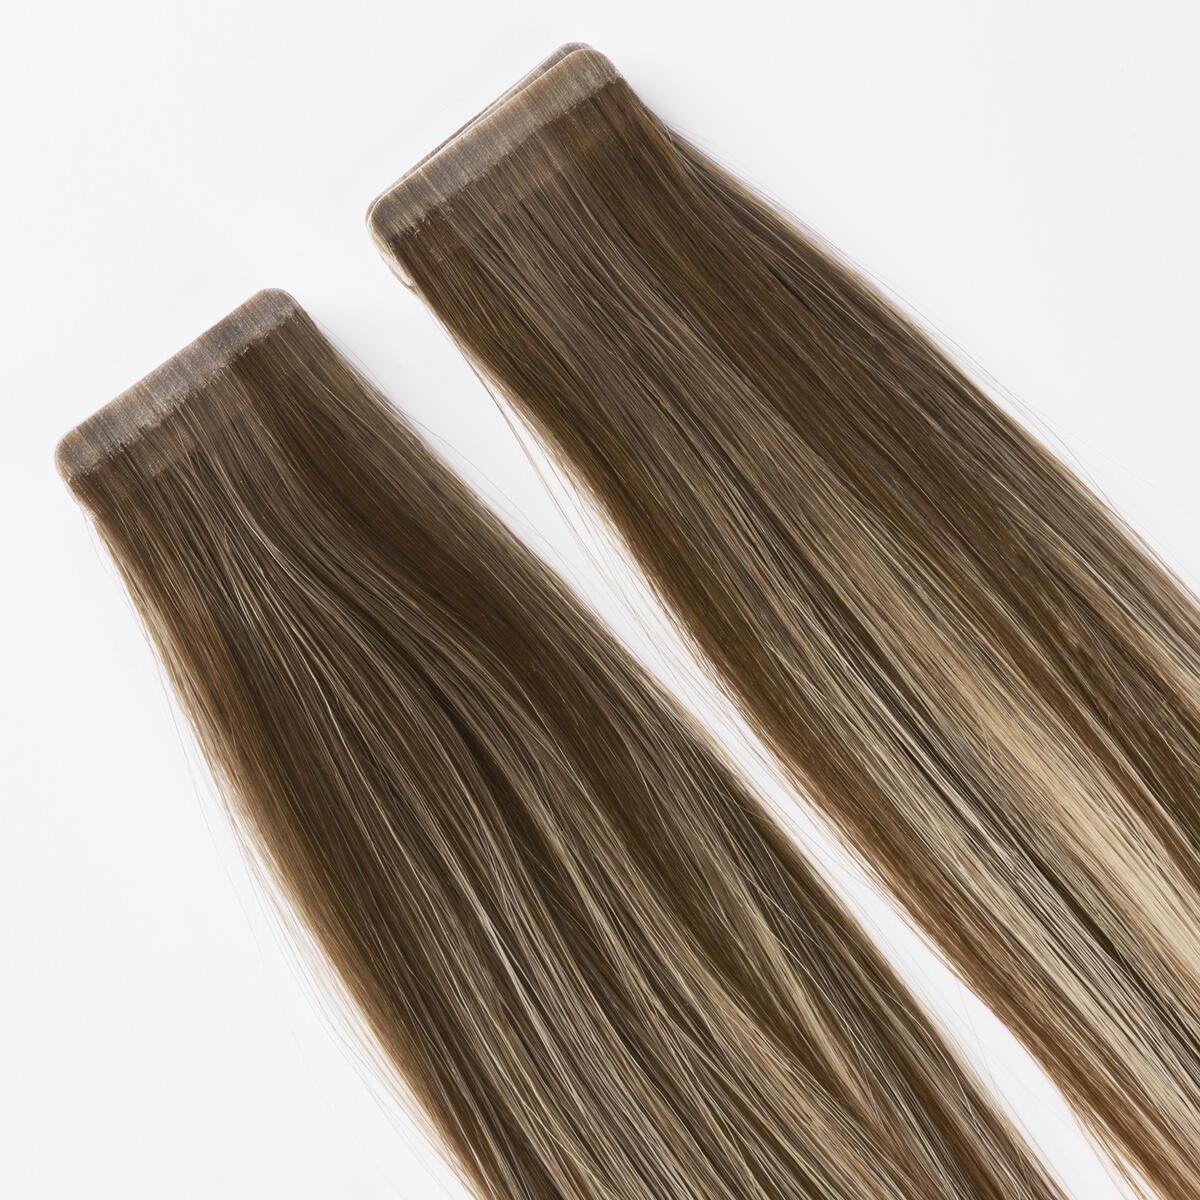 Sleek Tape Extension B5.1/7.3 Brown Ash Blonde Balayage 50 cm